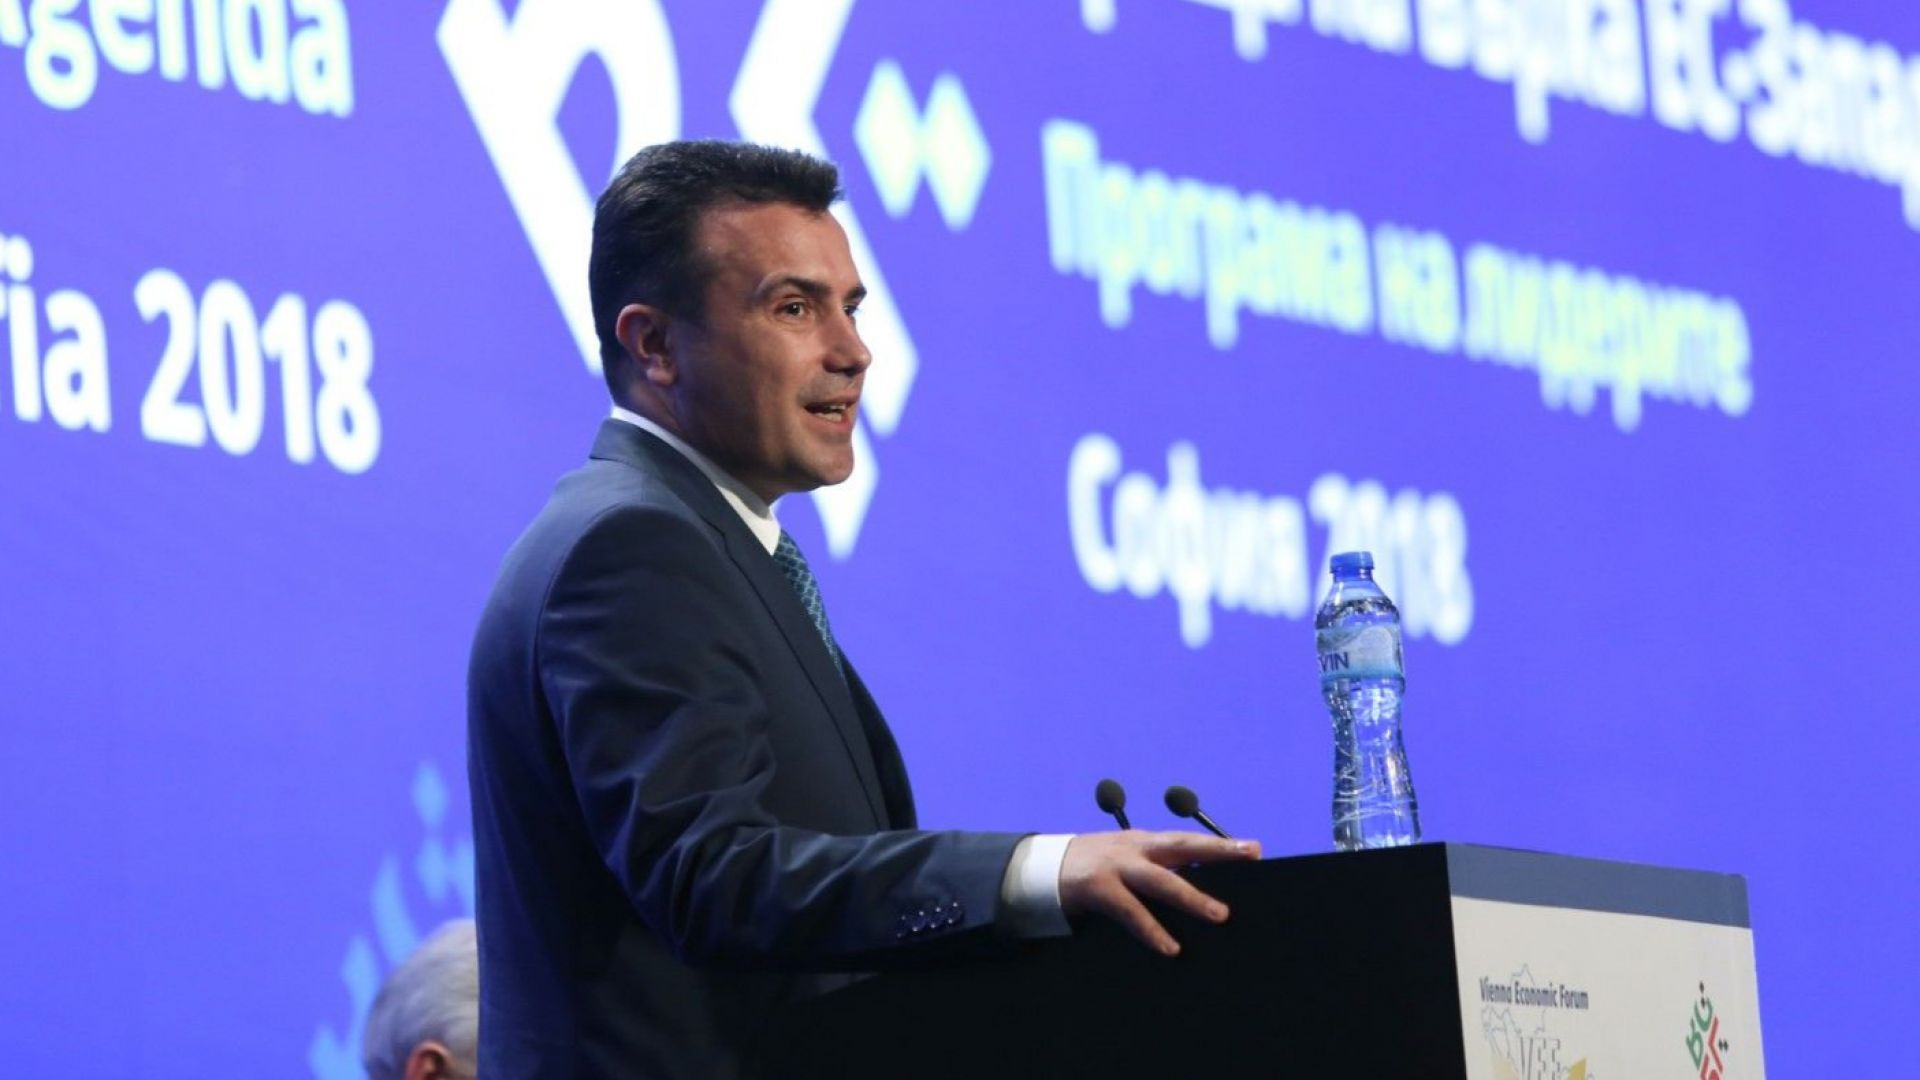 Заев: Няма доказателства за руско влияние в Македония